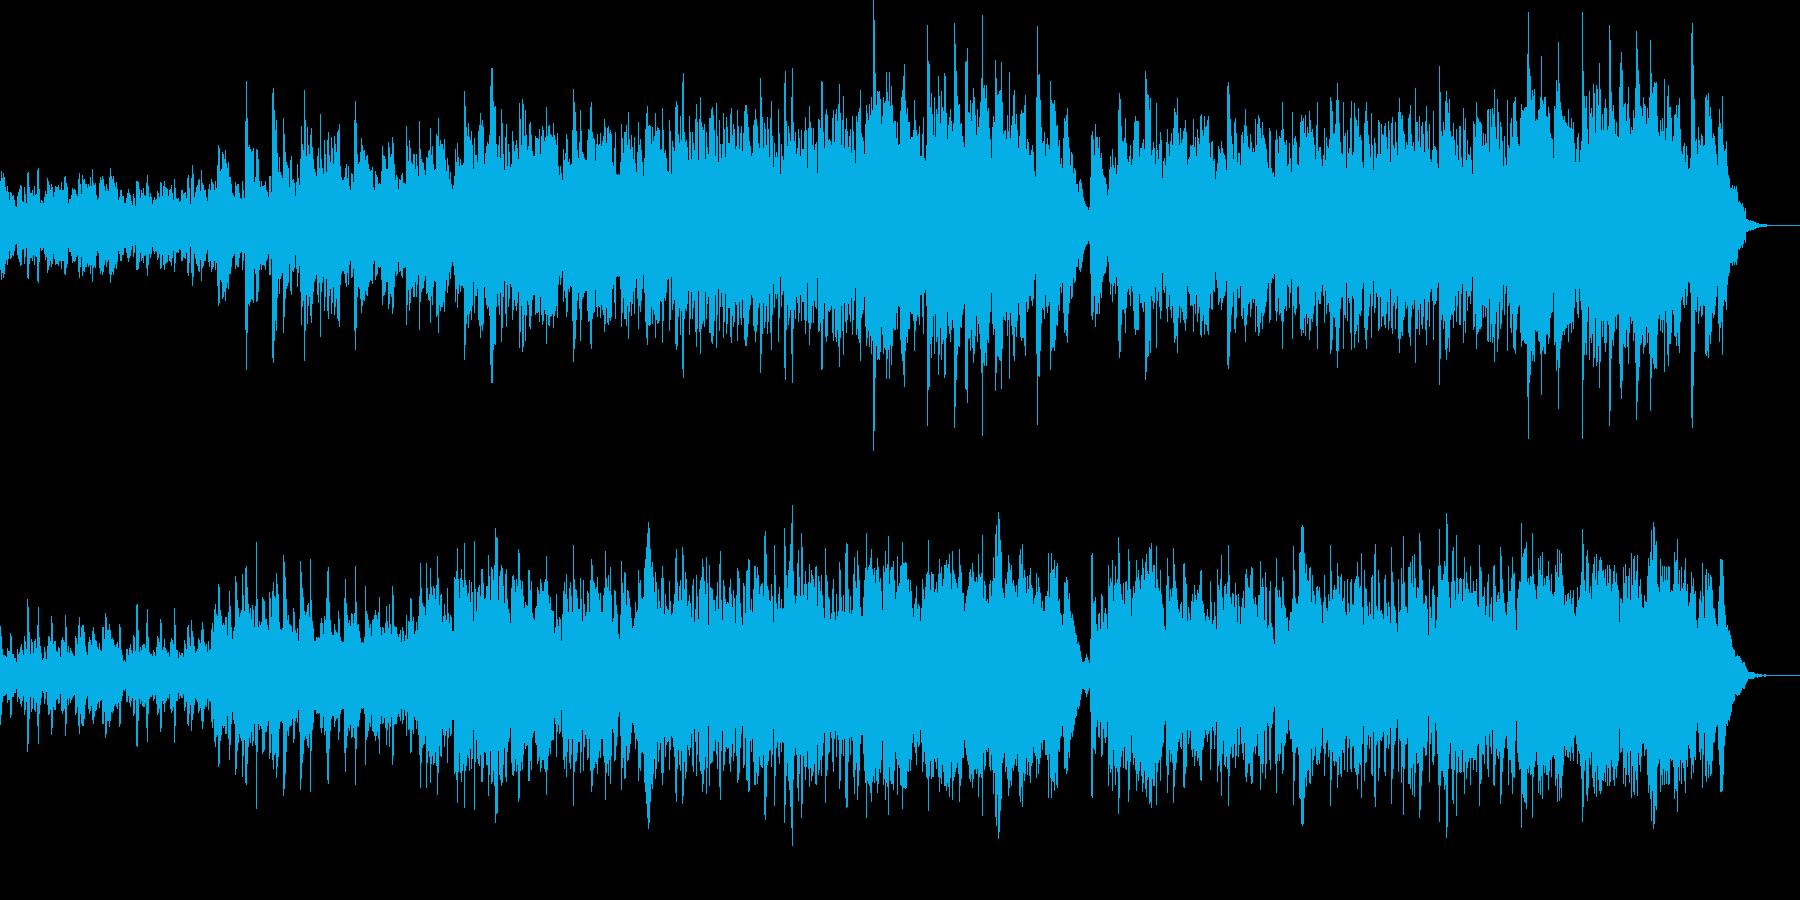 明るく爽やかなオーケストラポップ-13の再生済みの波形